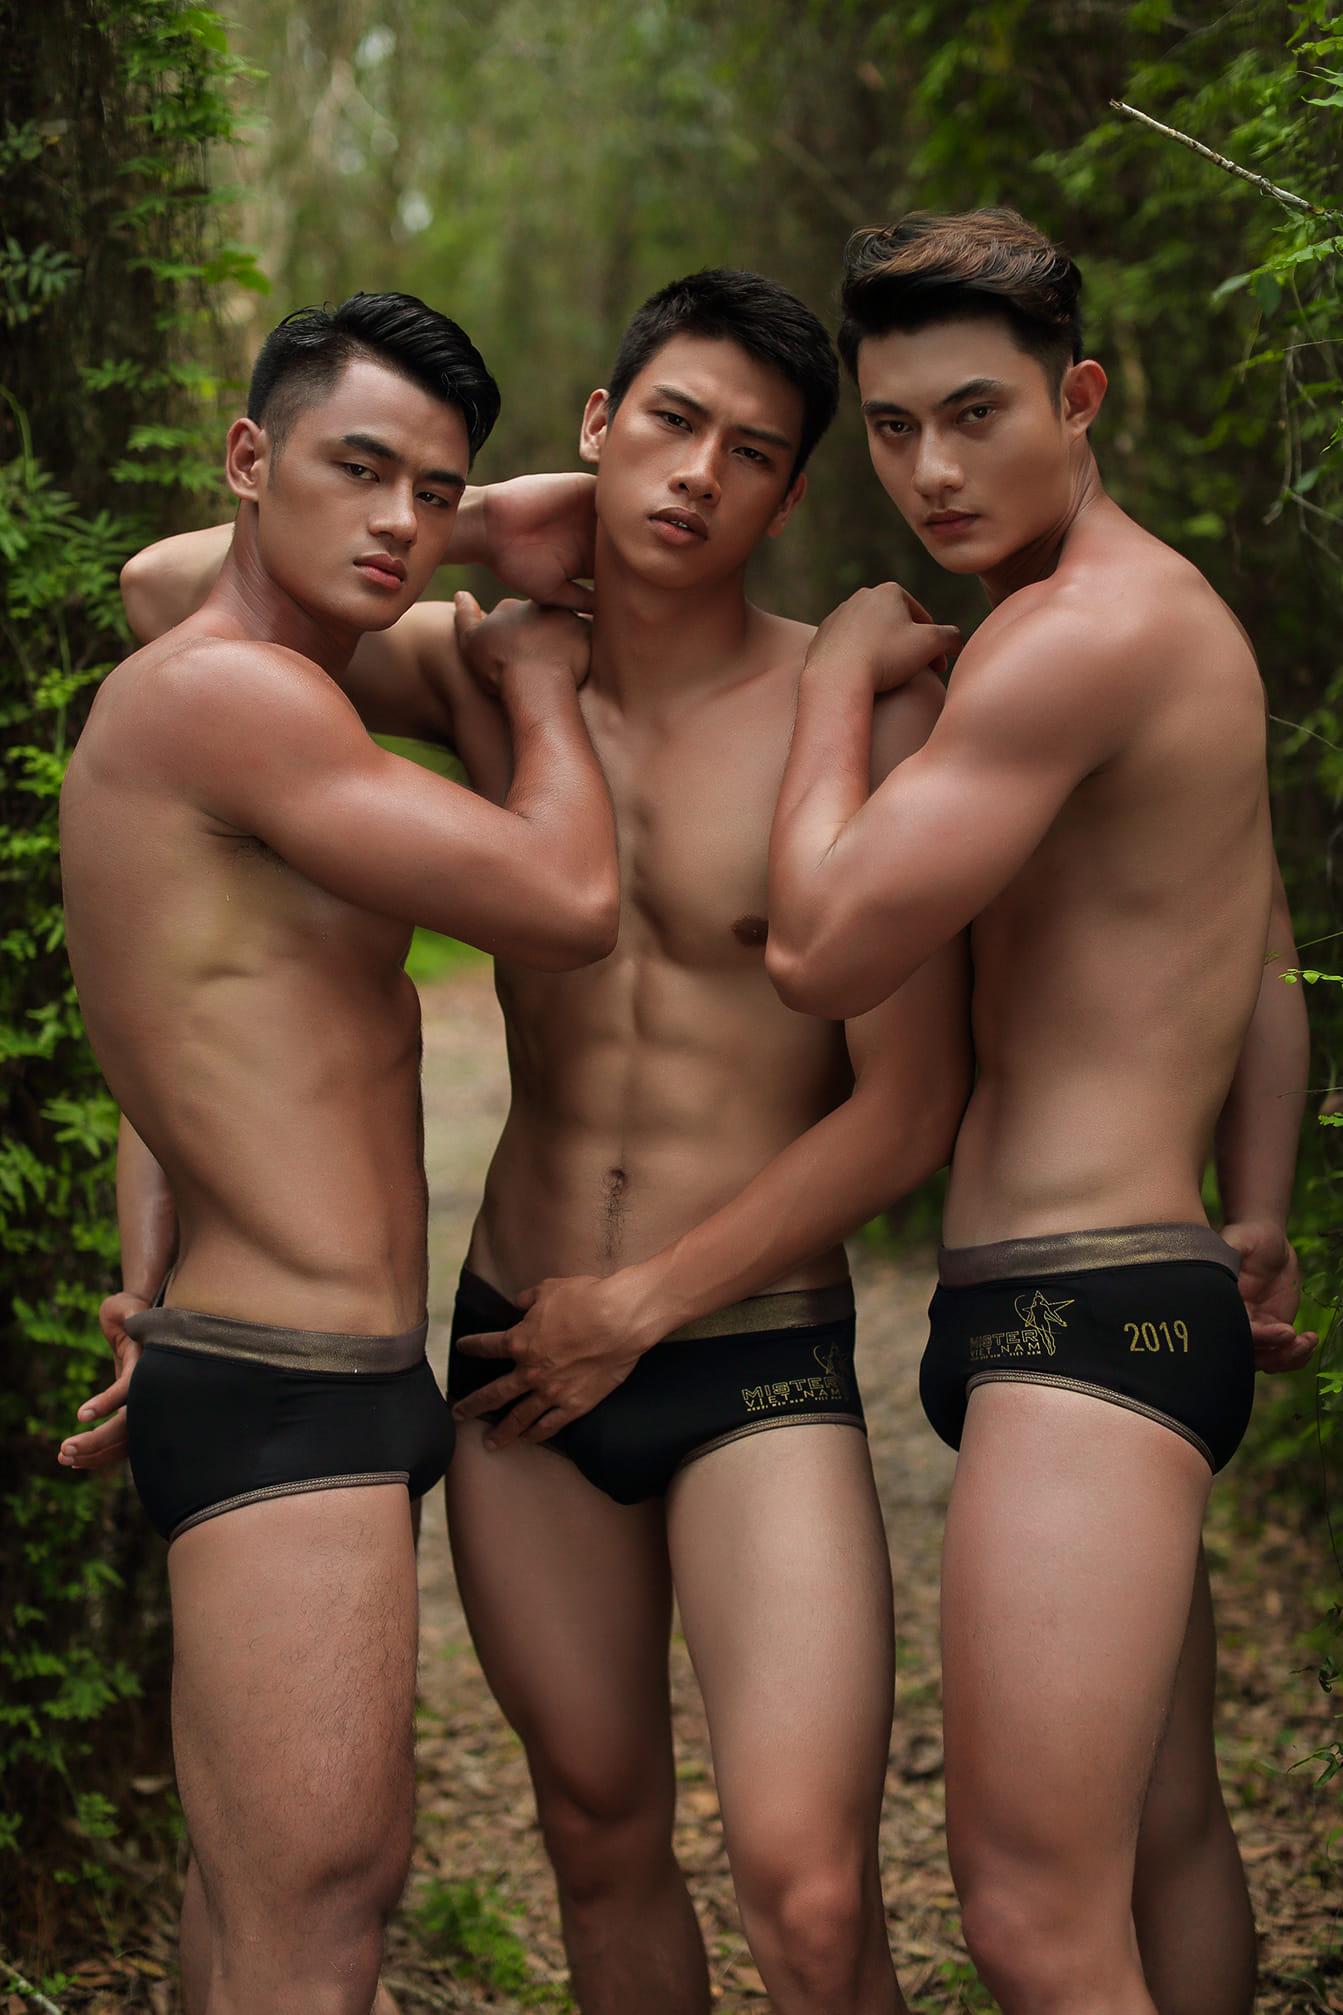 Phạm Minh Quyền (1995), MisterVN 2019, gay hay thẳng?